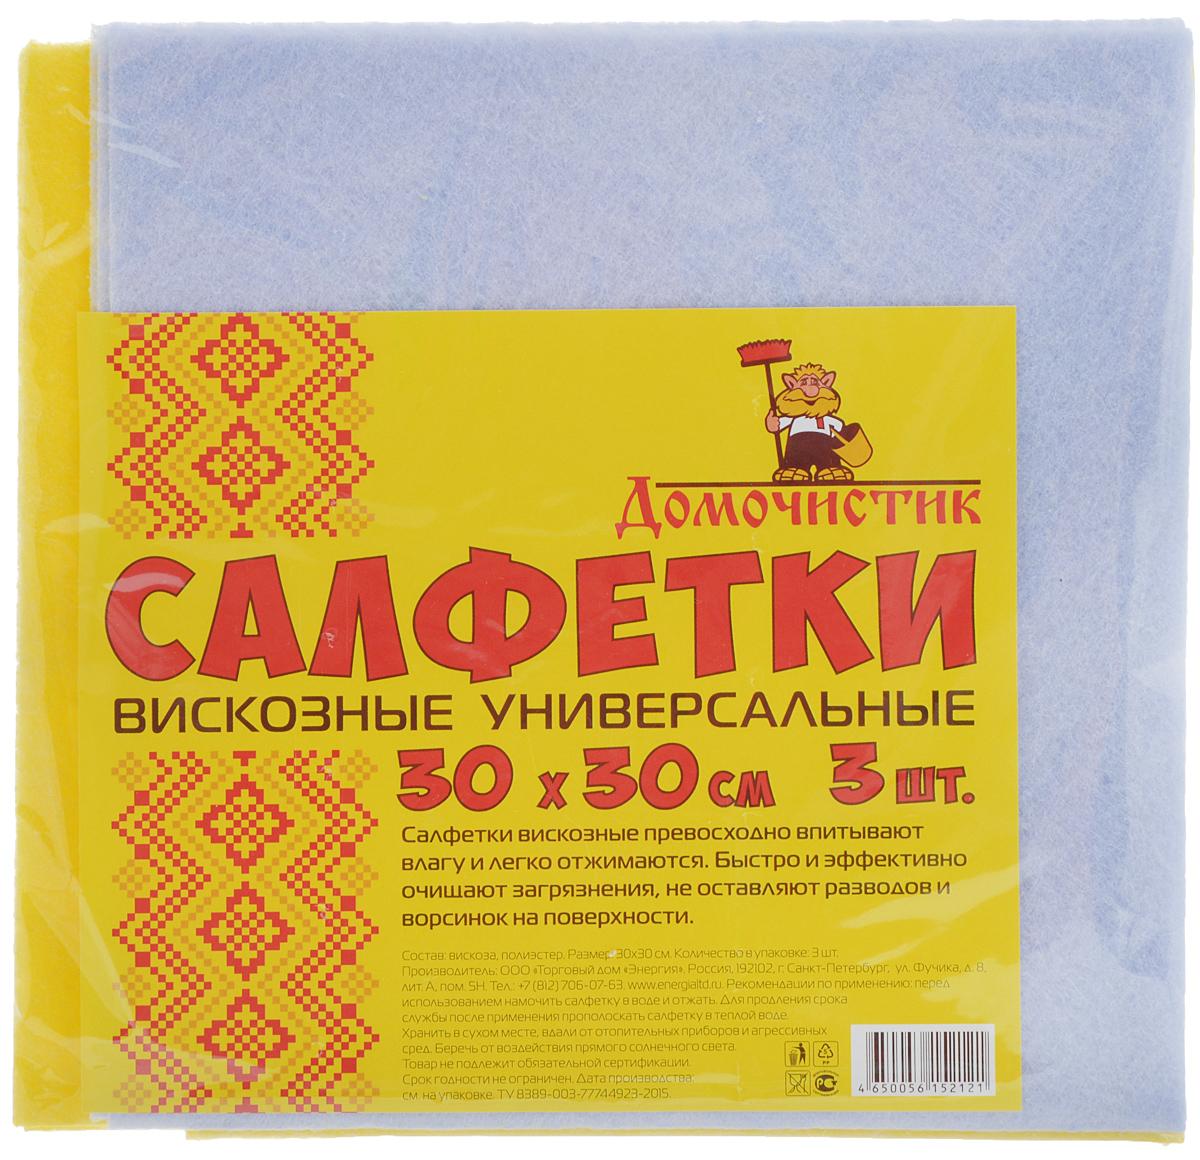 салфетки для уборки valiant салфетка для уборки 30 30 см оранжевая шт Салфетка для уборки Домочистик из вискозы, универсальная, цвет: желтый, голубой, 30 x 30 см, 3 шт